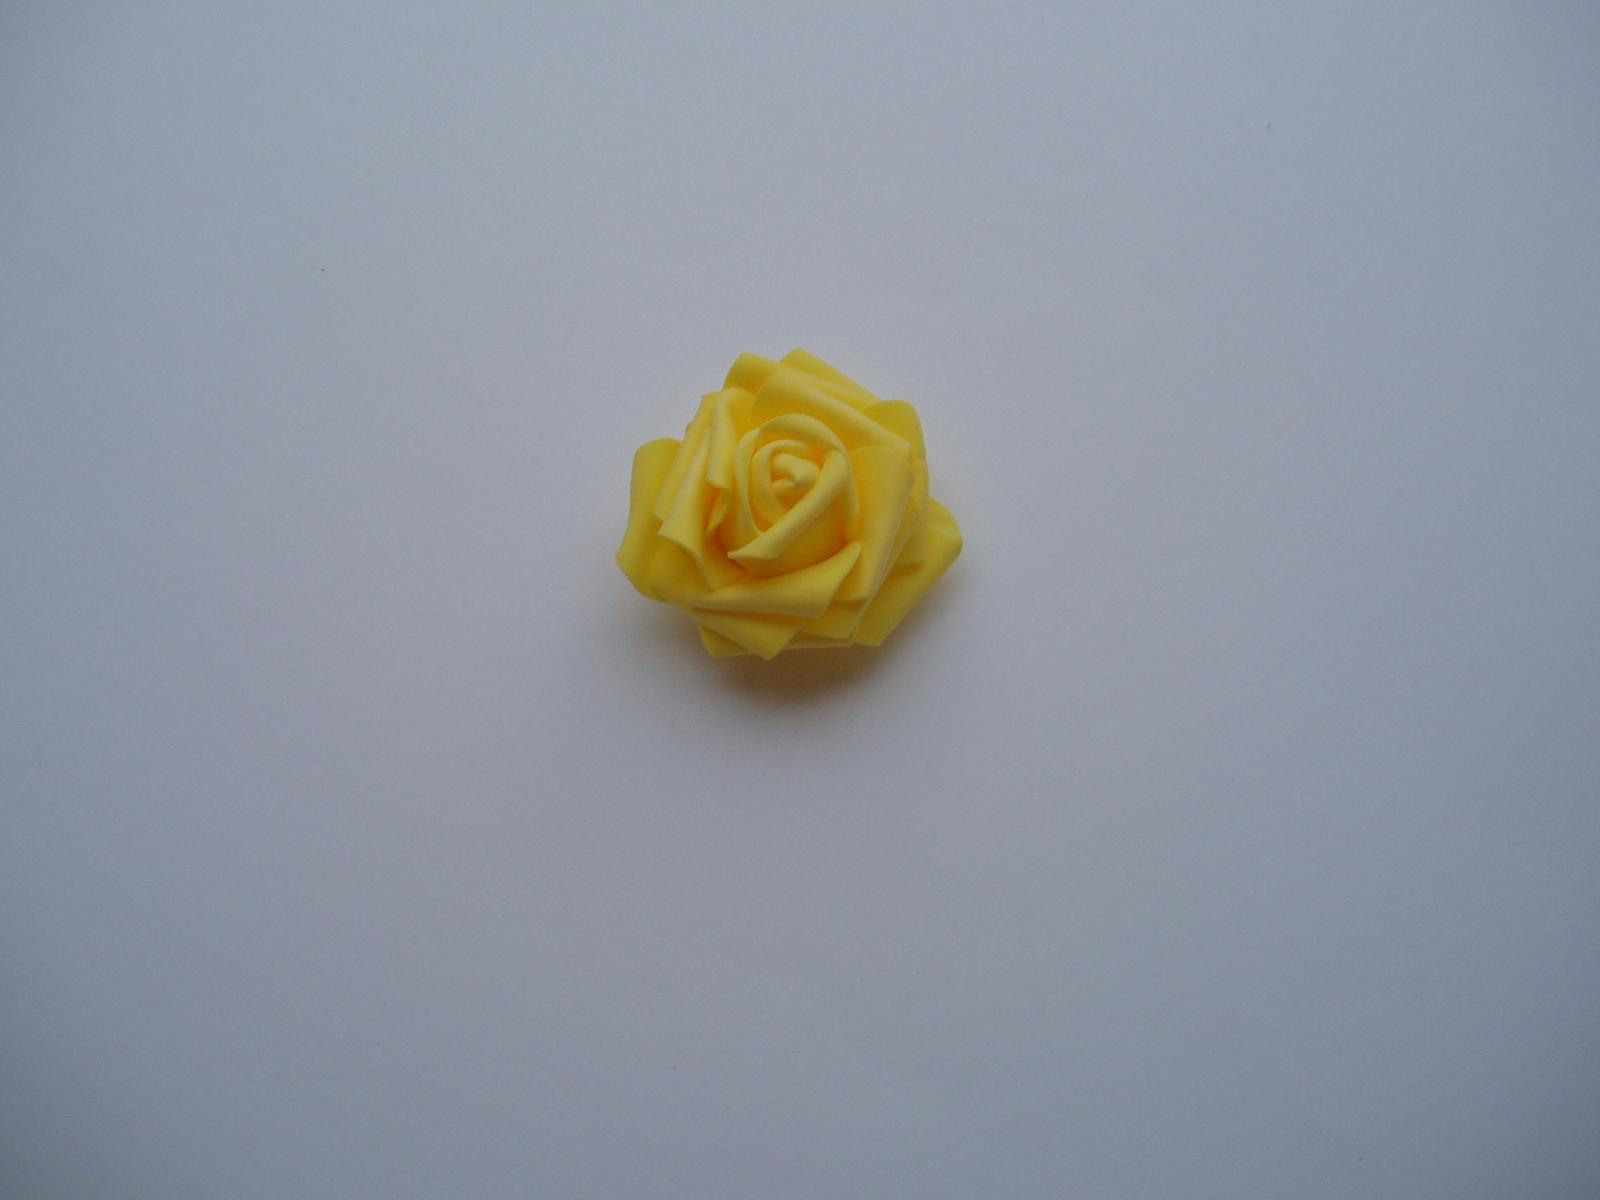 pěnová růže-žlutá - Obrázek č. 3